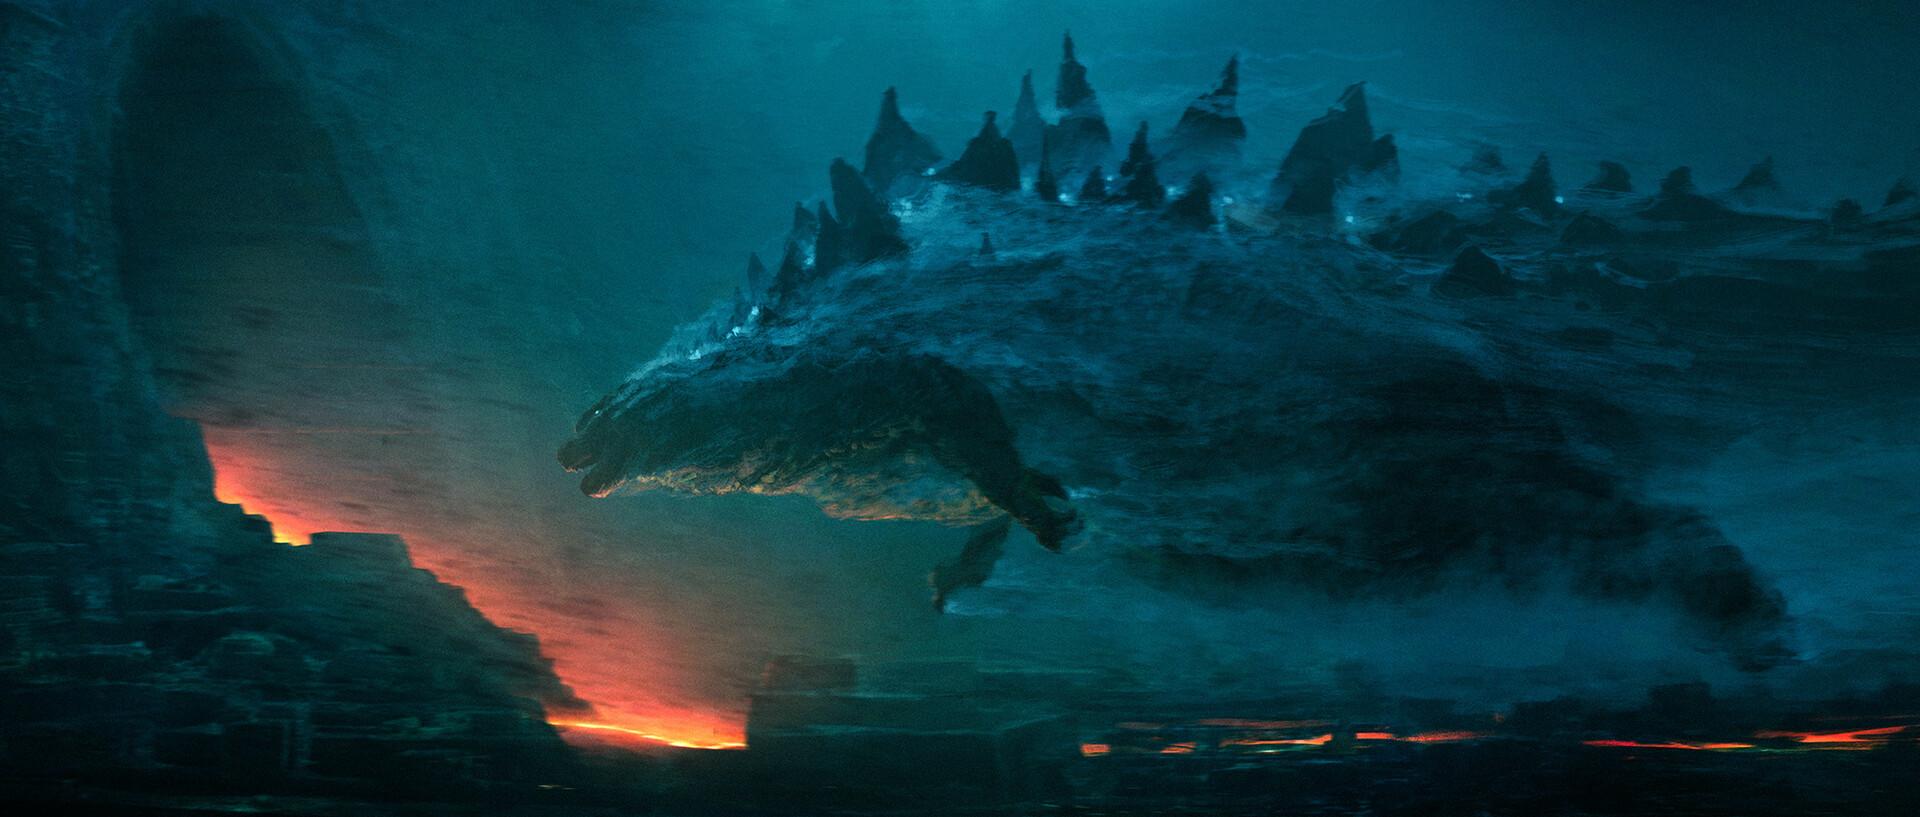 【怪獸宇宙相關】《哥吉拉2:怪獸之王》導演解釋為何劇情要探索怪獸之王的巢穴!